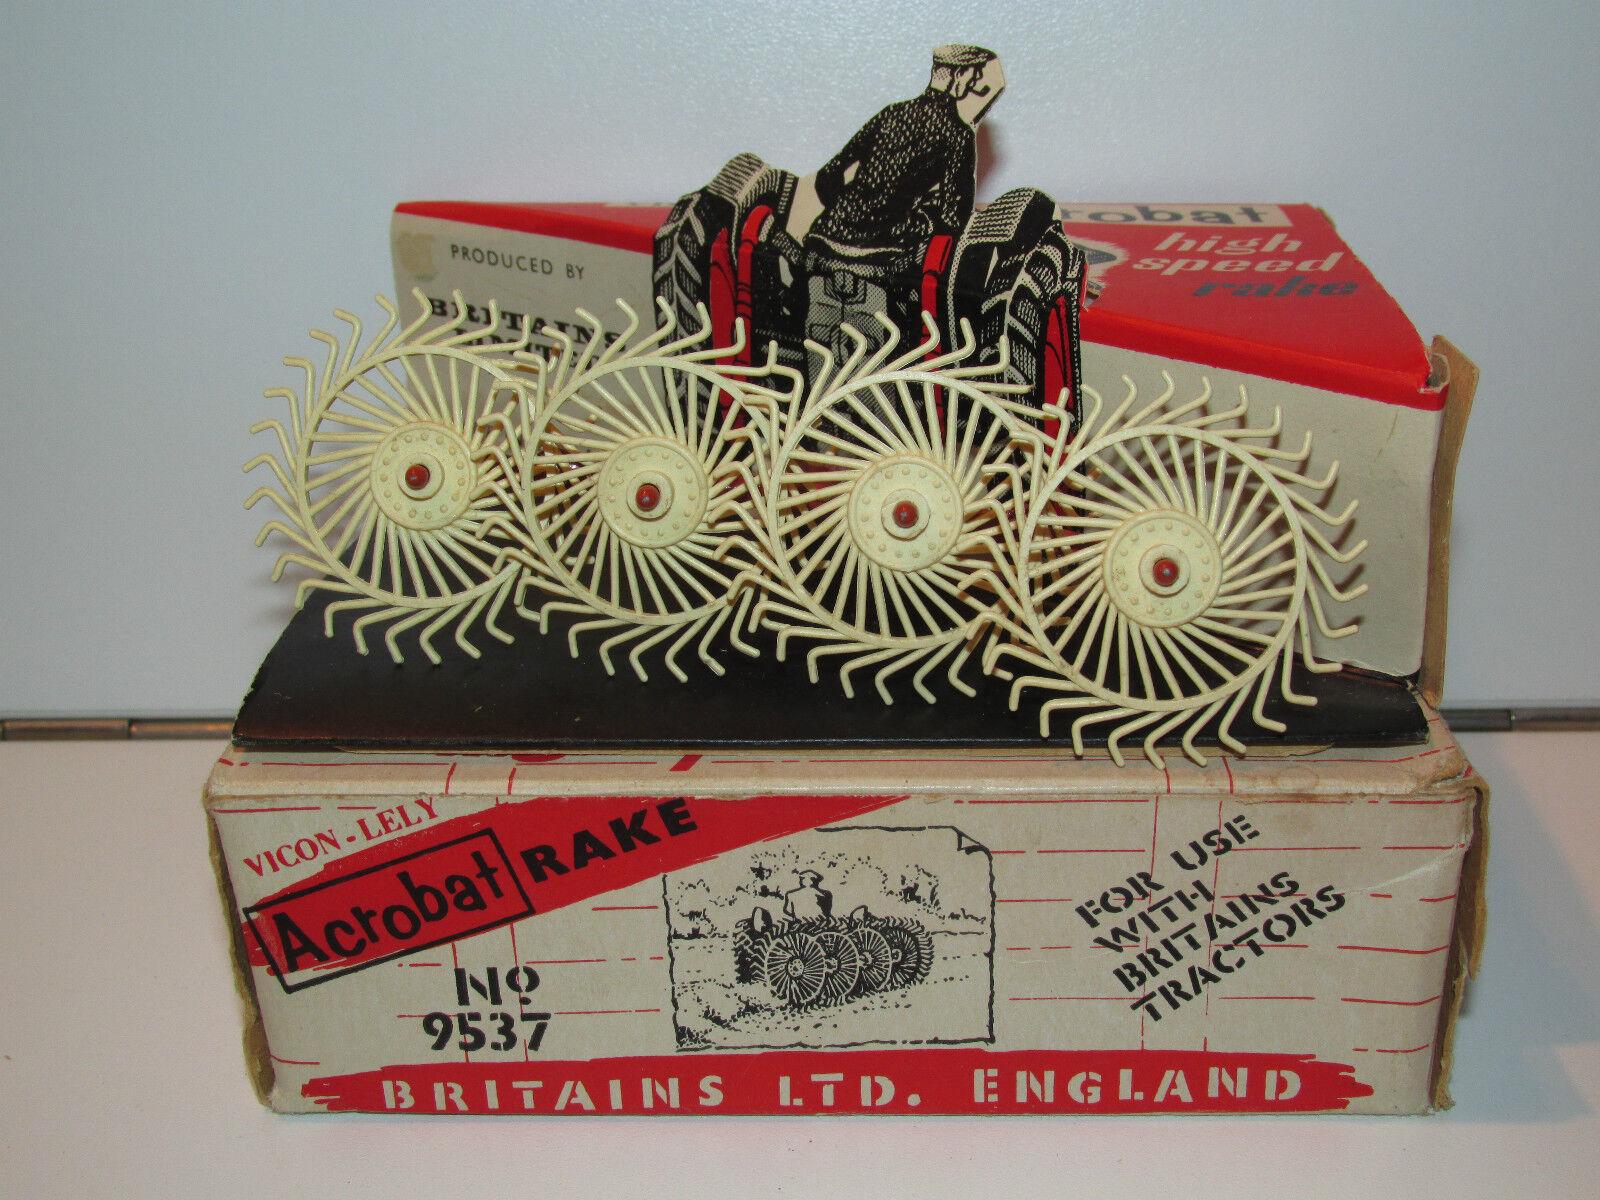 BRITAINS FARM FARM FARM No 9537 ACROBAT RAKE 1960s MIB 1 32 ENGLAND 097d34